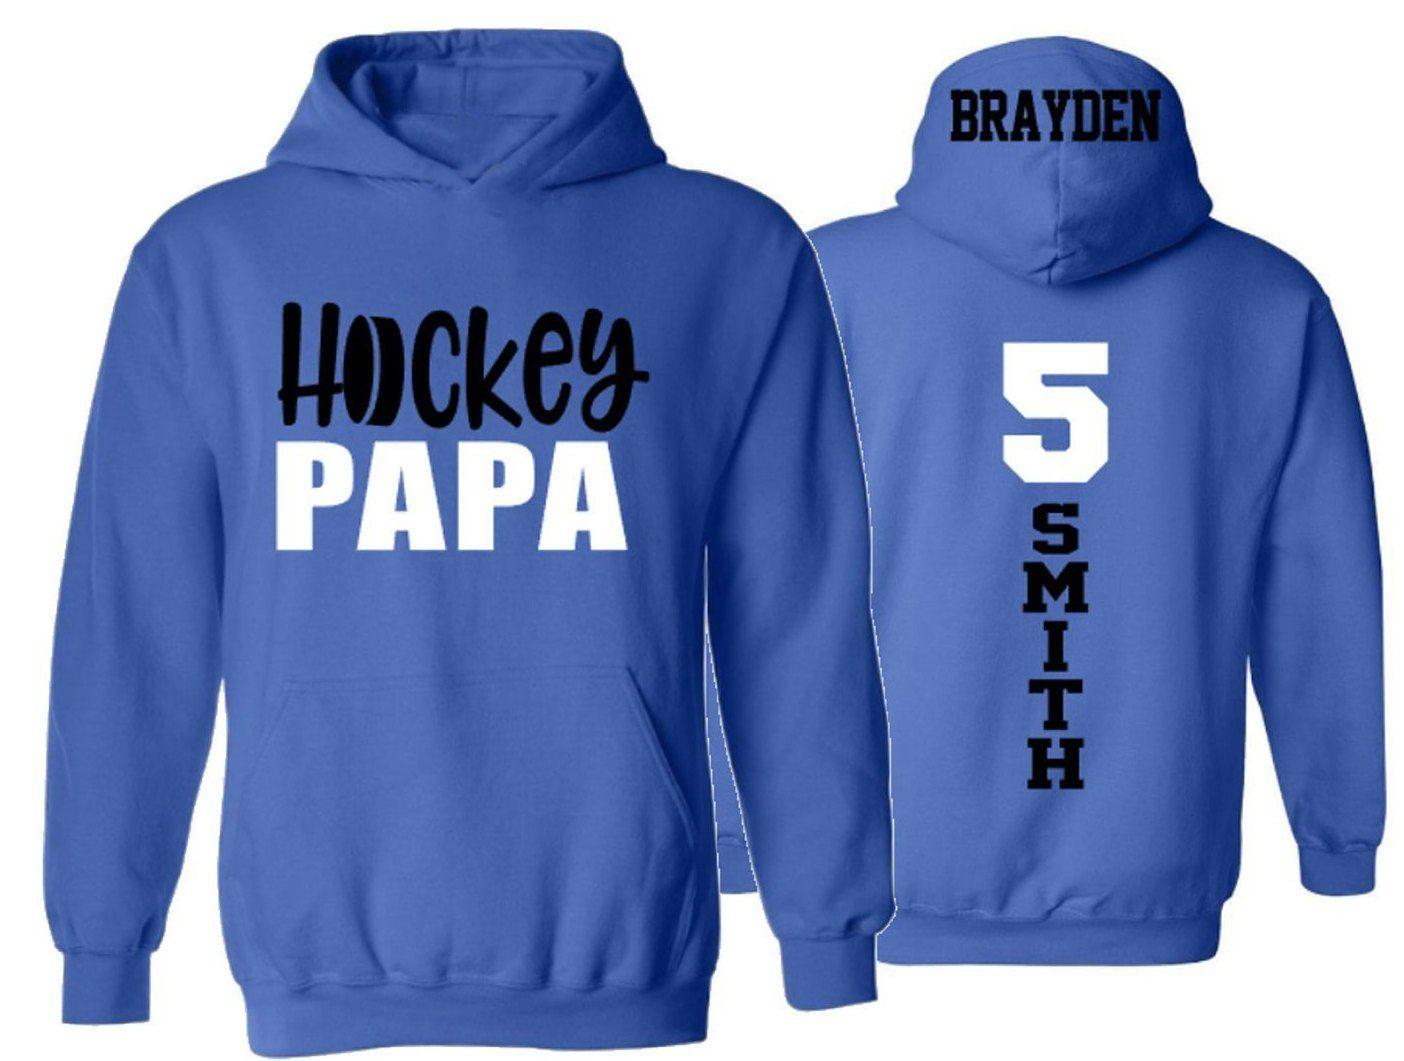 Hockey Hoodie Hockey Grandpa Long Sleeve Pullover Hoodie Etsy Hockey Hoodie Hoodie Customize Hoodies